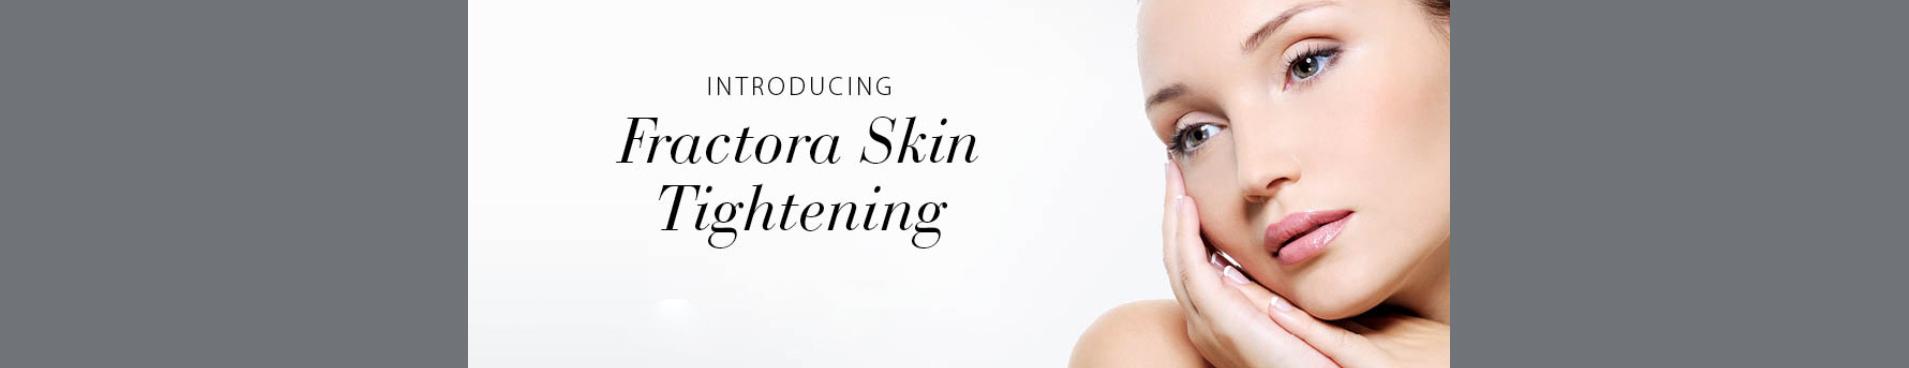 Fractora Skin Tightening